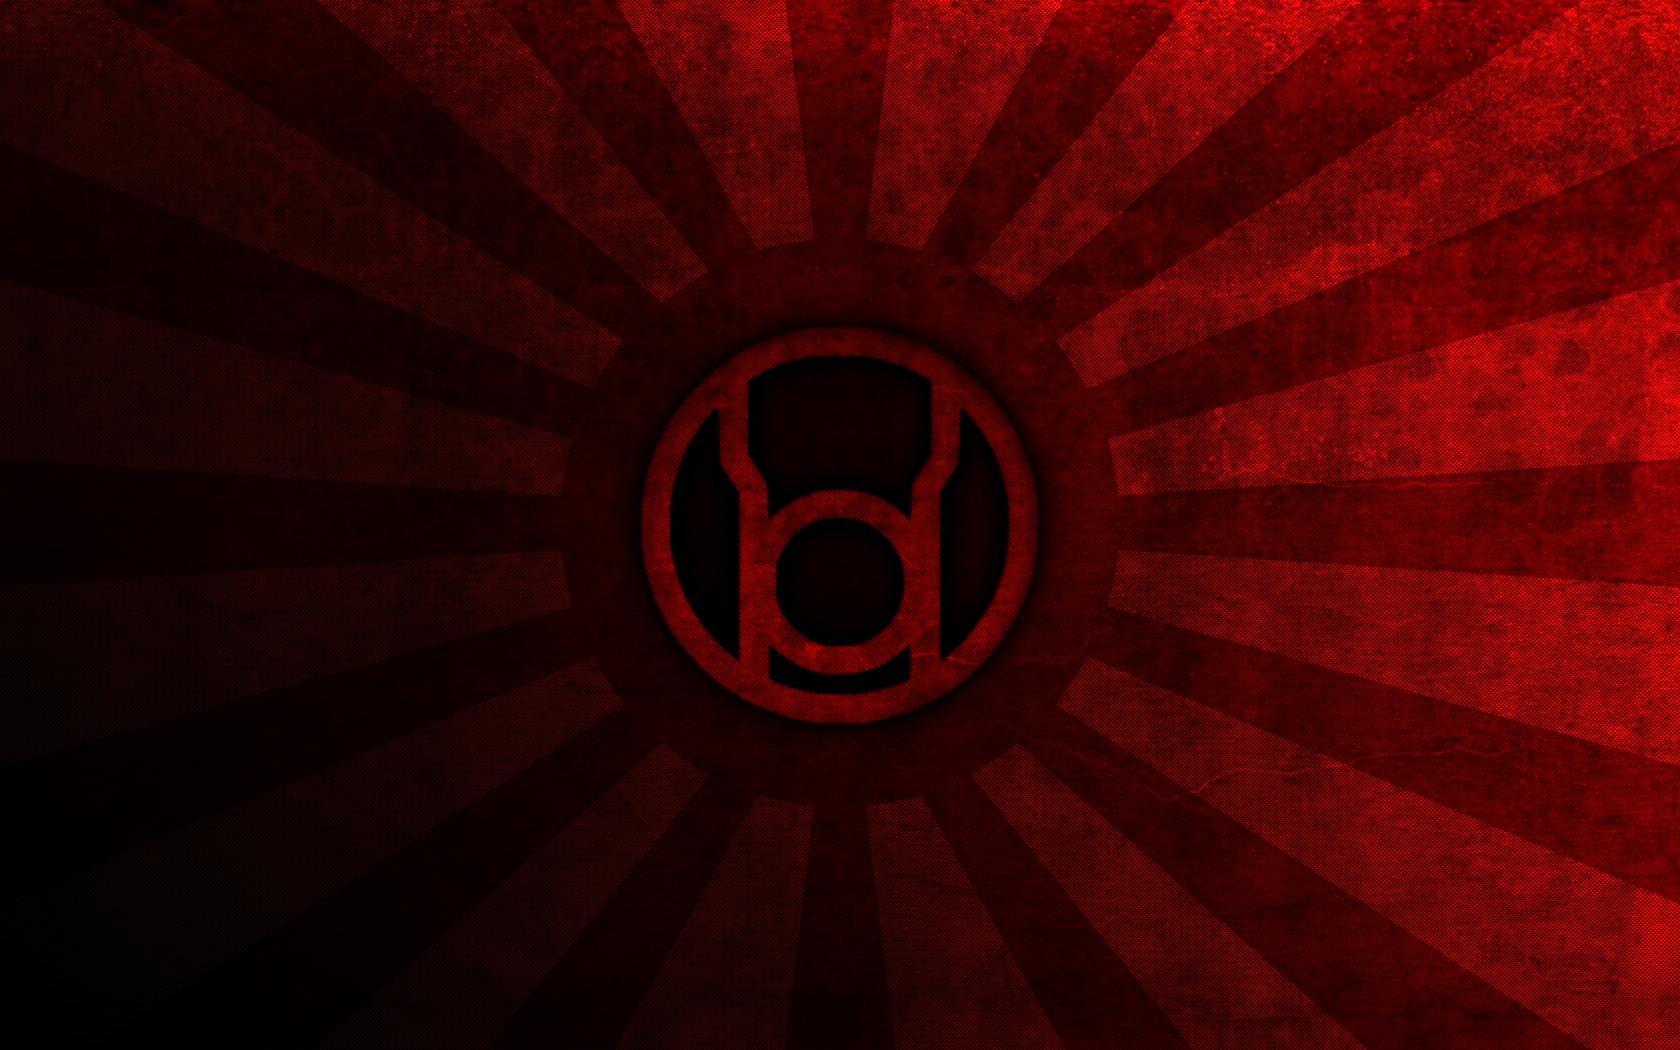 Red lantern logo wallpaper - photo#37